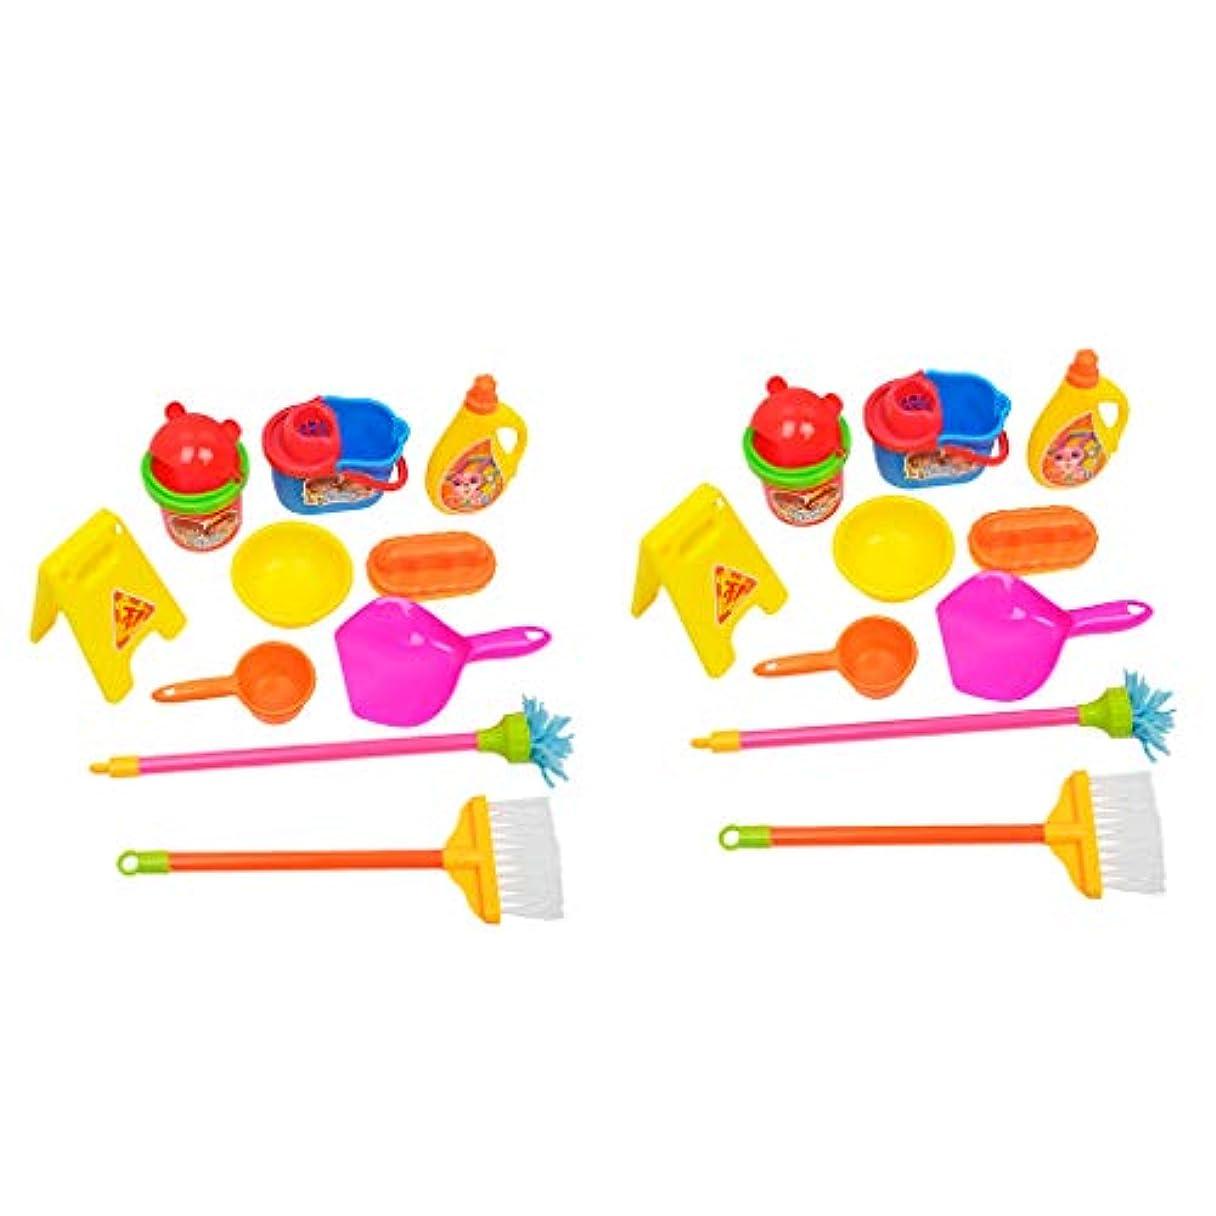 感度として等価20個 子供 ロールプレイおもちゃ クリーニングツール クリーナートイ バケツ ダストパン ブラシ